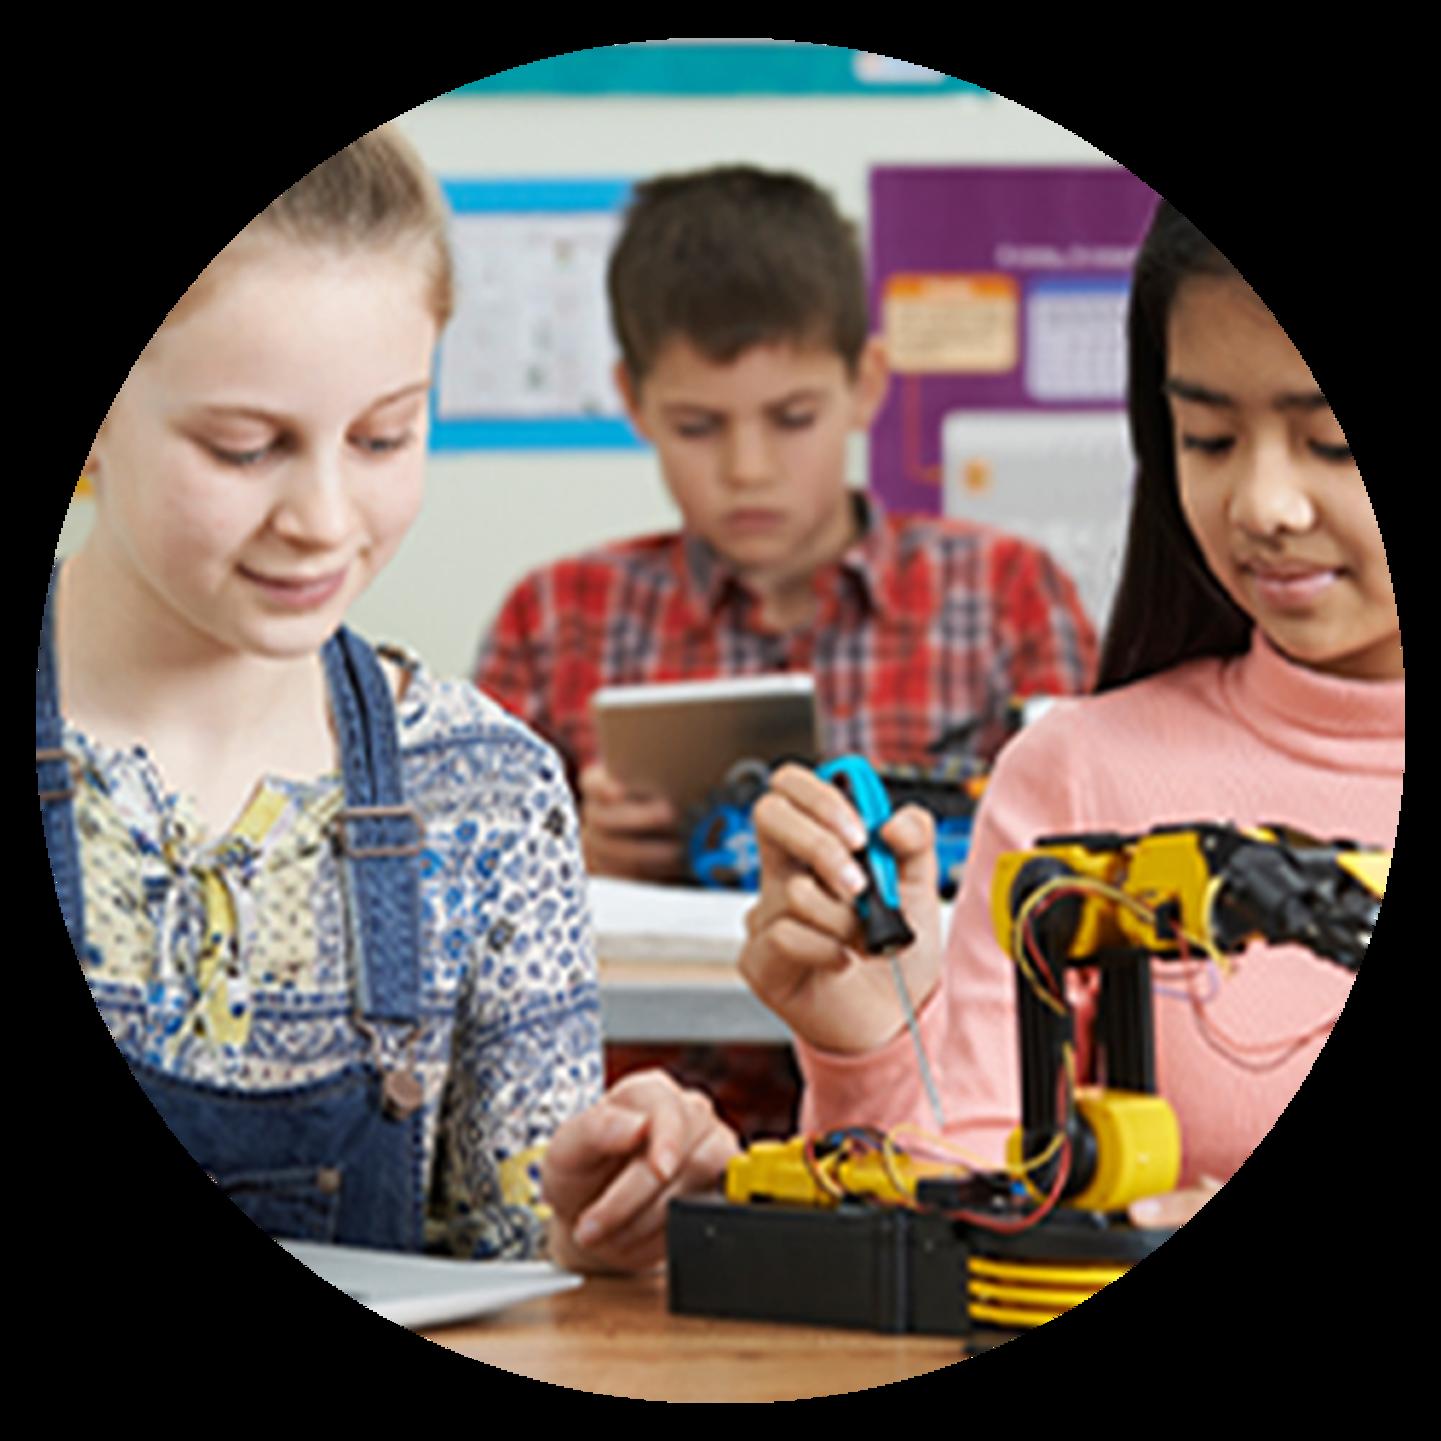 Matériel pédagogique - Pour l'enseignement des disciplines MINT »